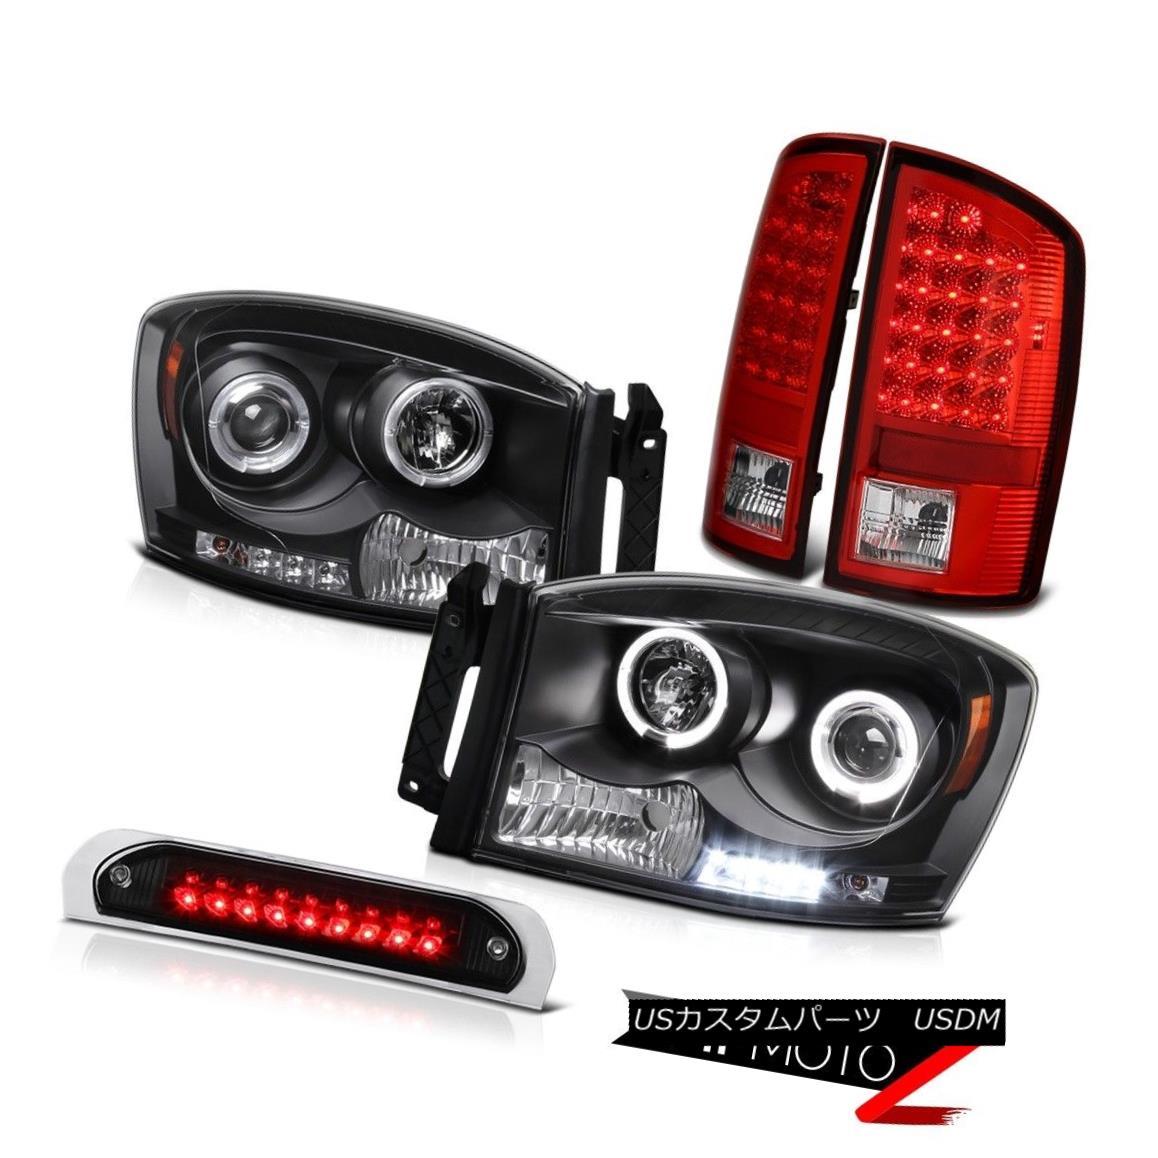 テールライト LED Dual Halo Headlights Wine Red Tail Lights 3rd Brake Roof Cargo 2006 Ram 1500 LEDデュアルヘイローヘッドライトワインレッドテールライト第3ブレーキルーフカーゴ2006ラム1500